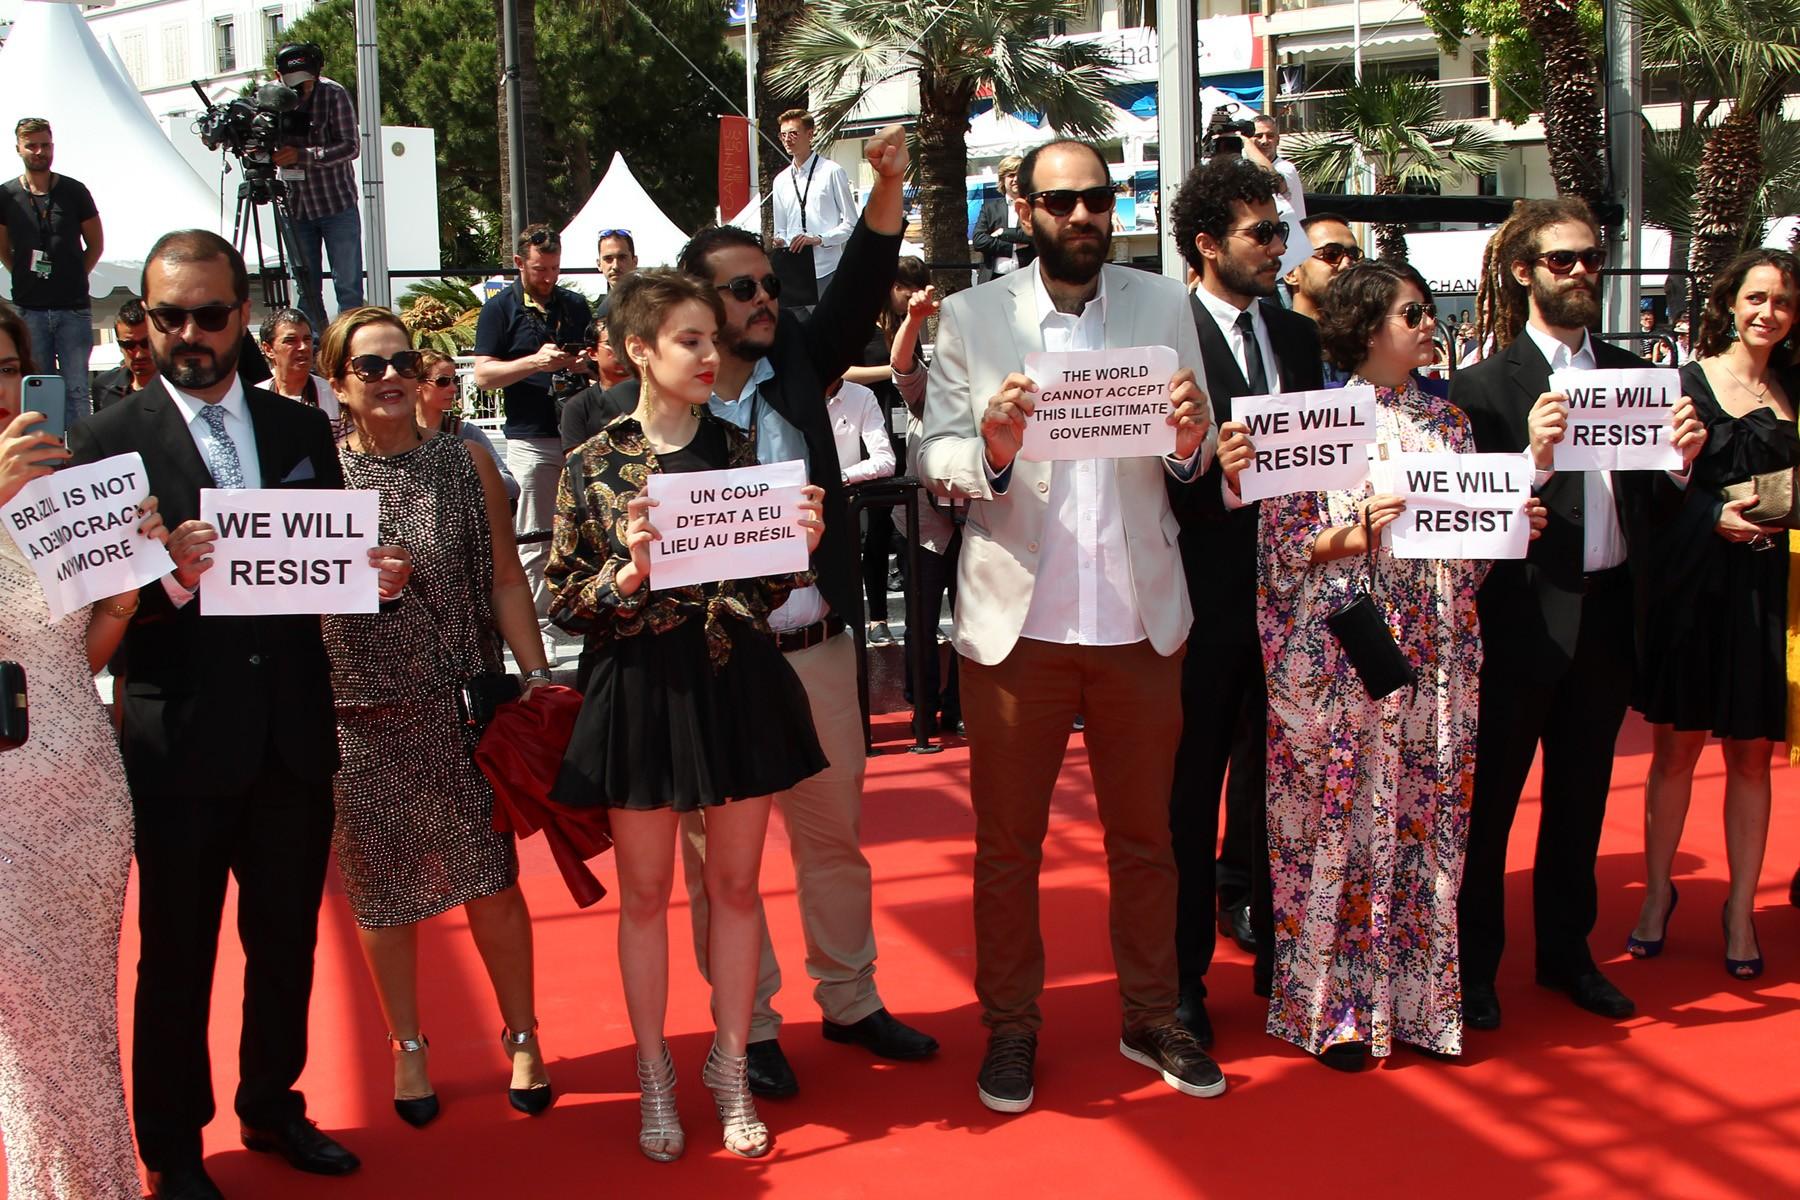 Foto do elenco de Aquarius no Festival de Cannes. São dez pessoas, entre homens e mulheres de pele clara que, em fila indiana, sob o tapete vermelho, seguram cartazes em inglês e francês com mensagens de protesto contra o impeachment da ex presidenta Dilma Rousseff. Todos estão usando roupas formais - os homens de terno e as mulheres de vestido. A foto foi tirada de dia.